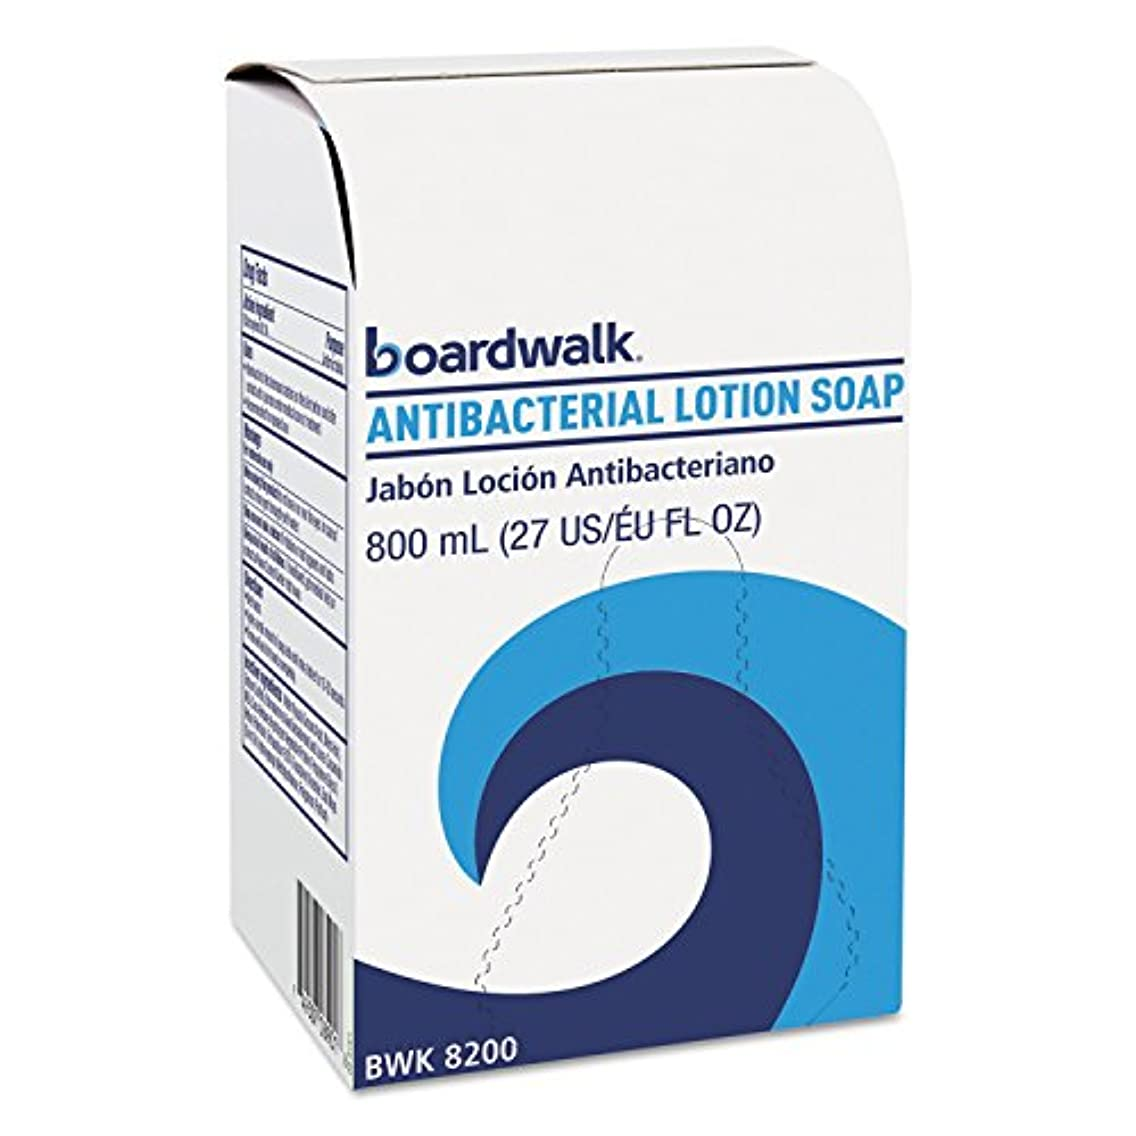 報告書憤るパールボードウォーク8200 CT Boardwalk抗菌ローションソープbwk8200ct BWK 8200 CT